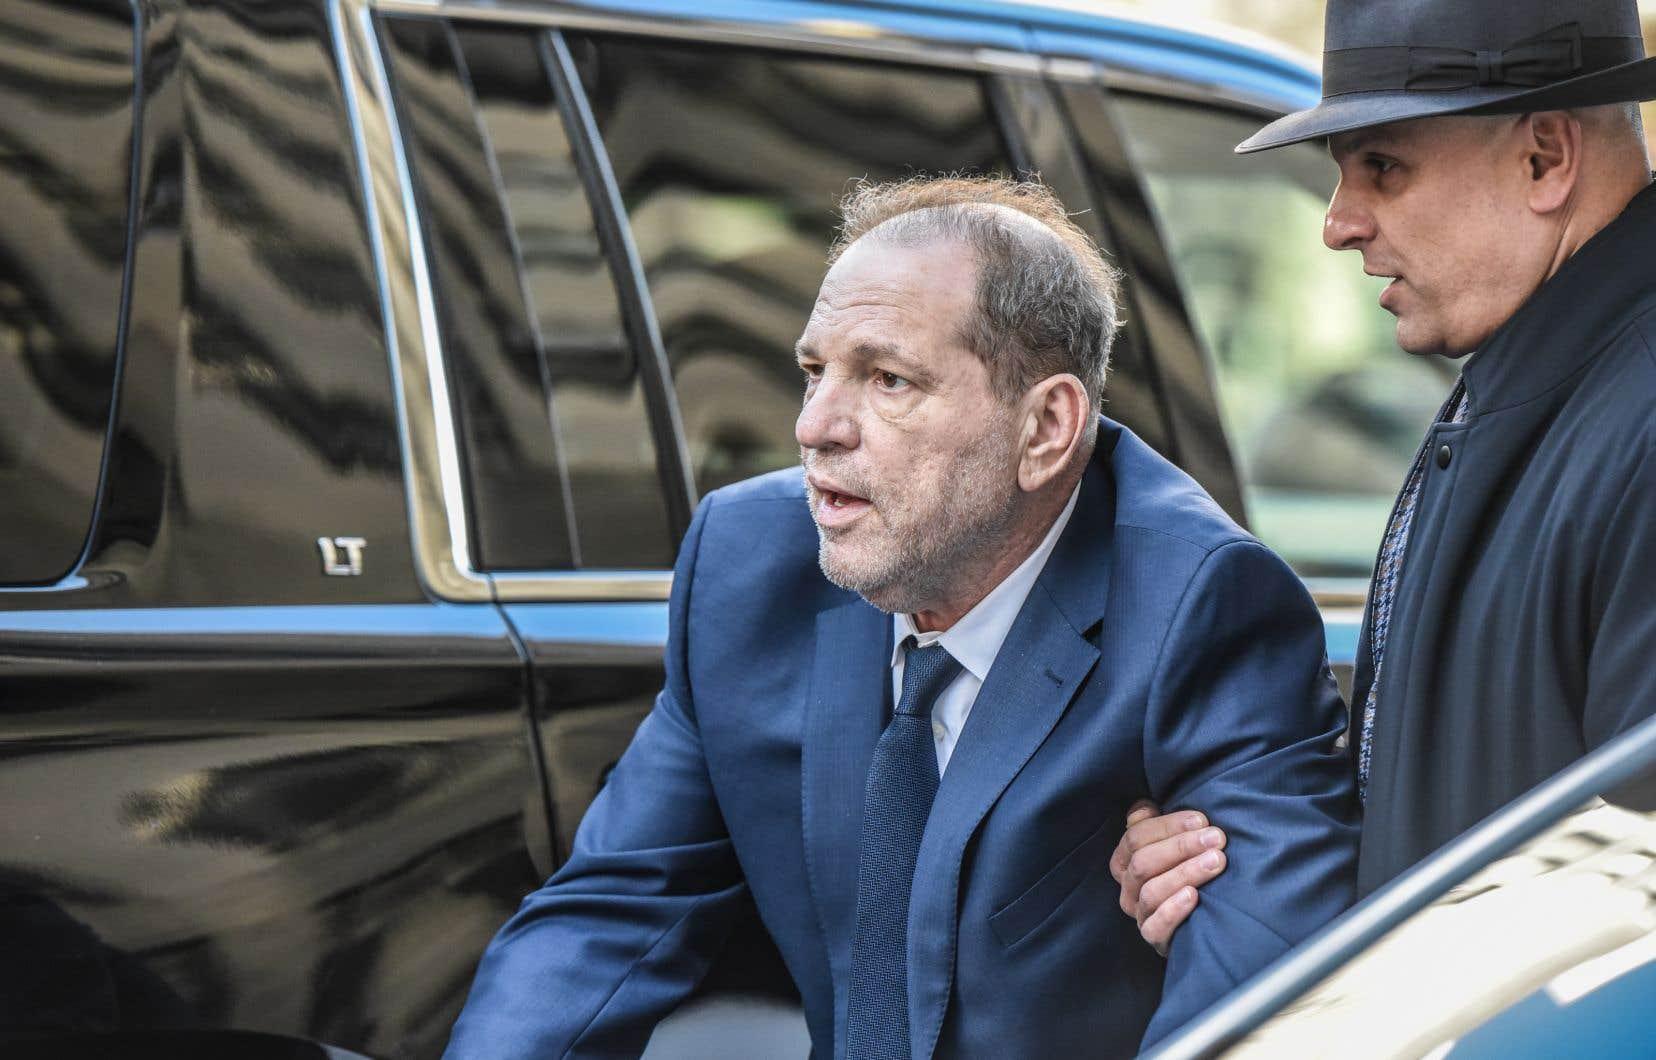 De nouvelles accusations criminelles ont été déposées contre Harvey Weinstein à Los Angeles le jour même où s'ouvrait son procès à New York.